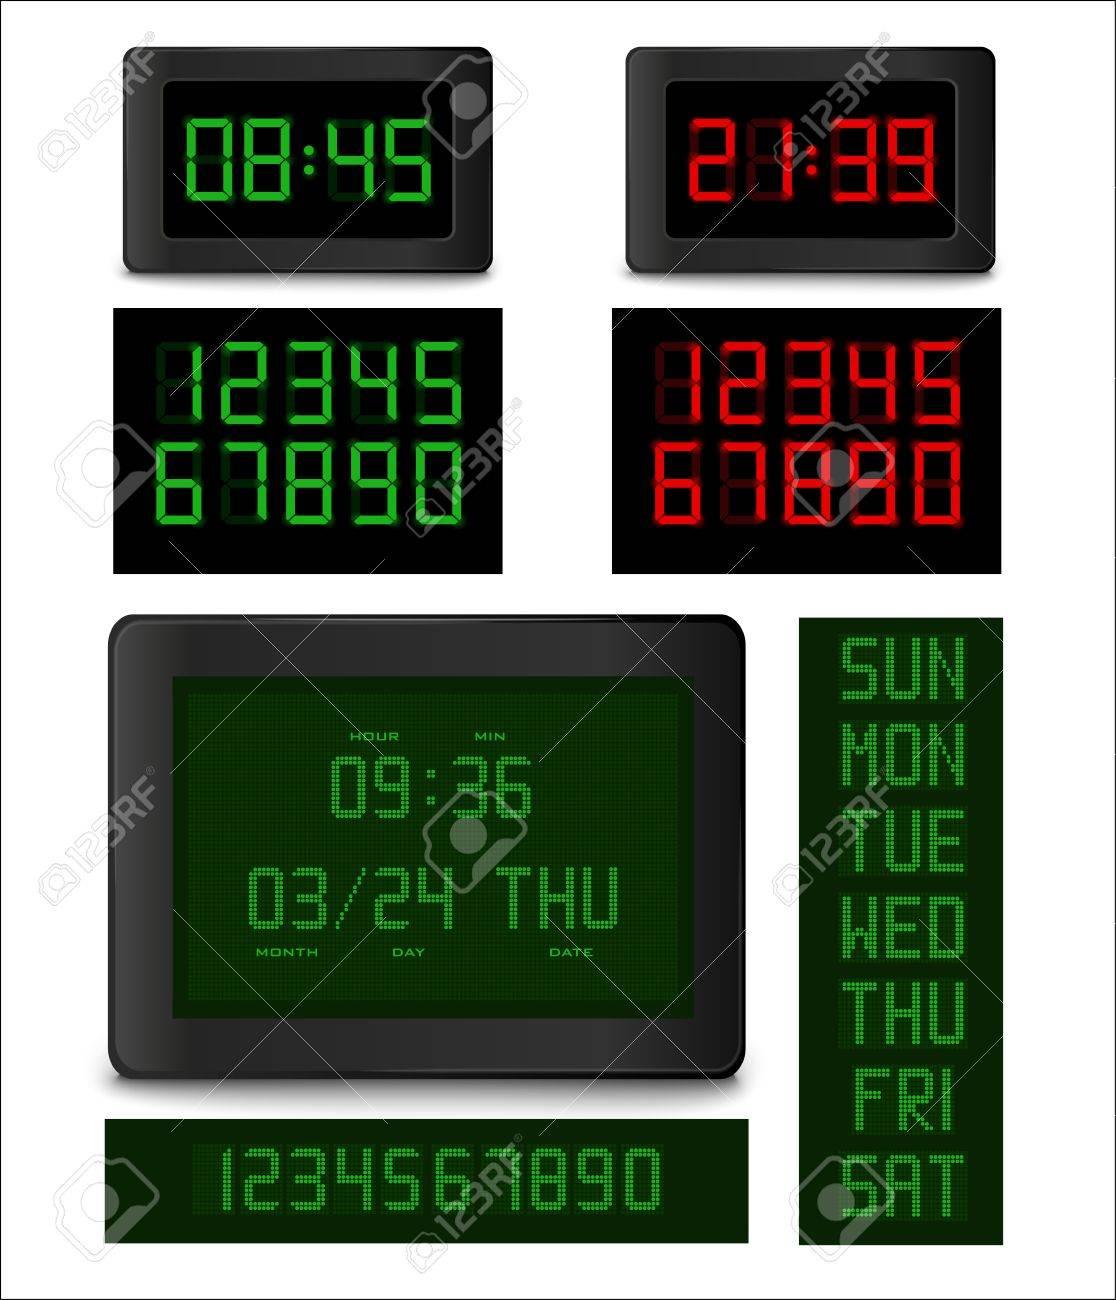 código promocional 98c74 8cca7 Reloj electrónico. Los diferentes tipos de reloj digital con un conjunto  completo de números y los días de semana. ilustración vectorial